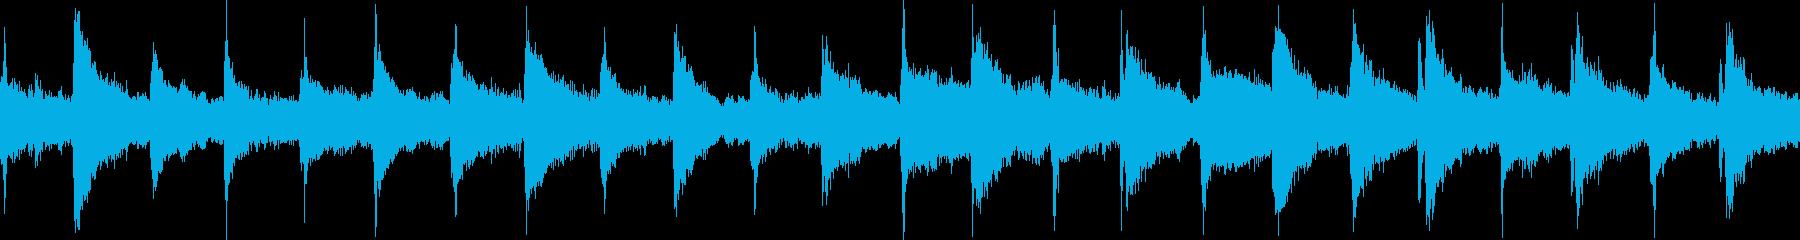 チクタクと時を支配する次元空間 暗ループの再生済みの波形